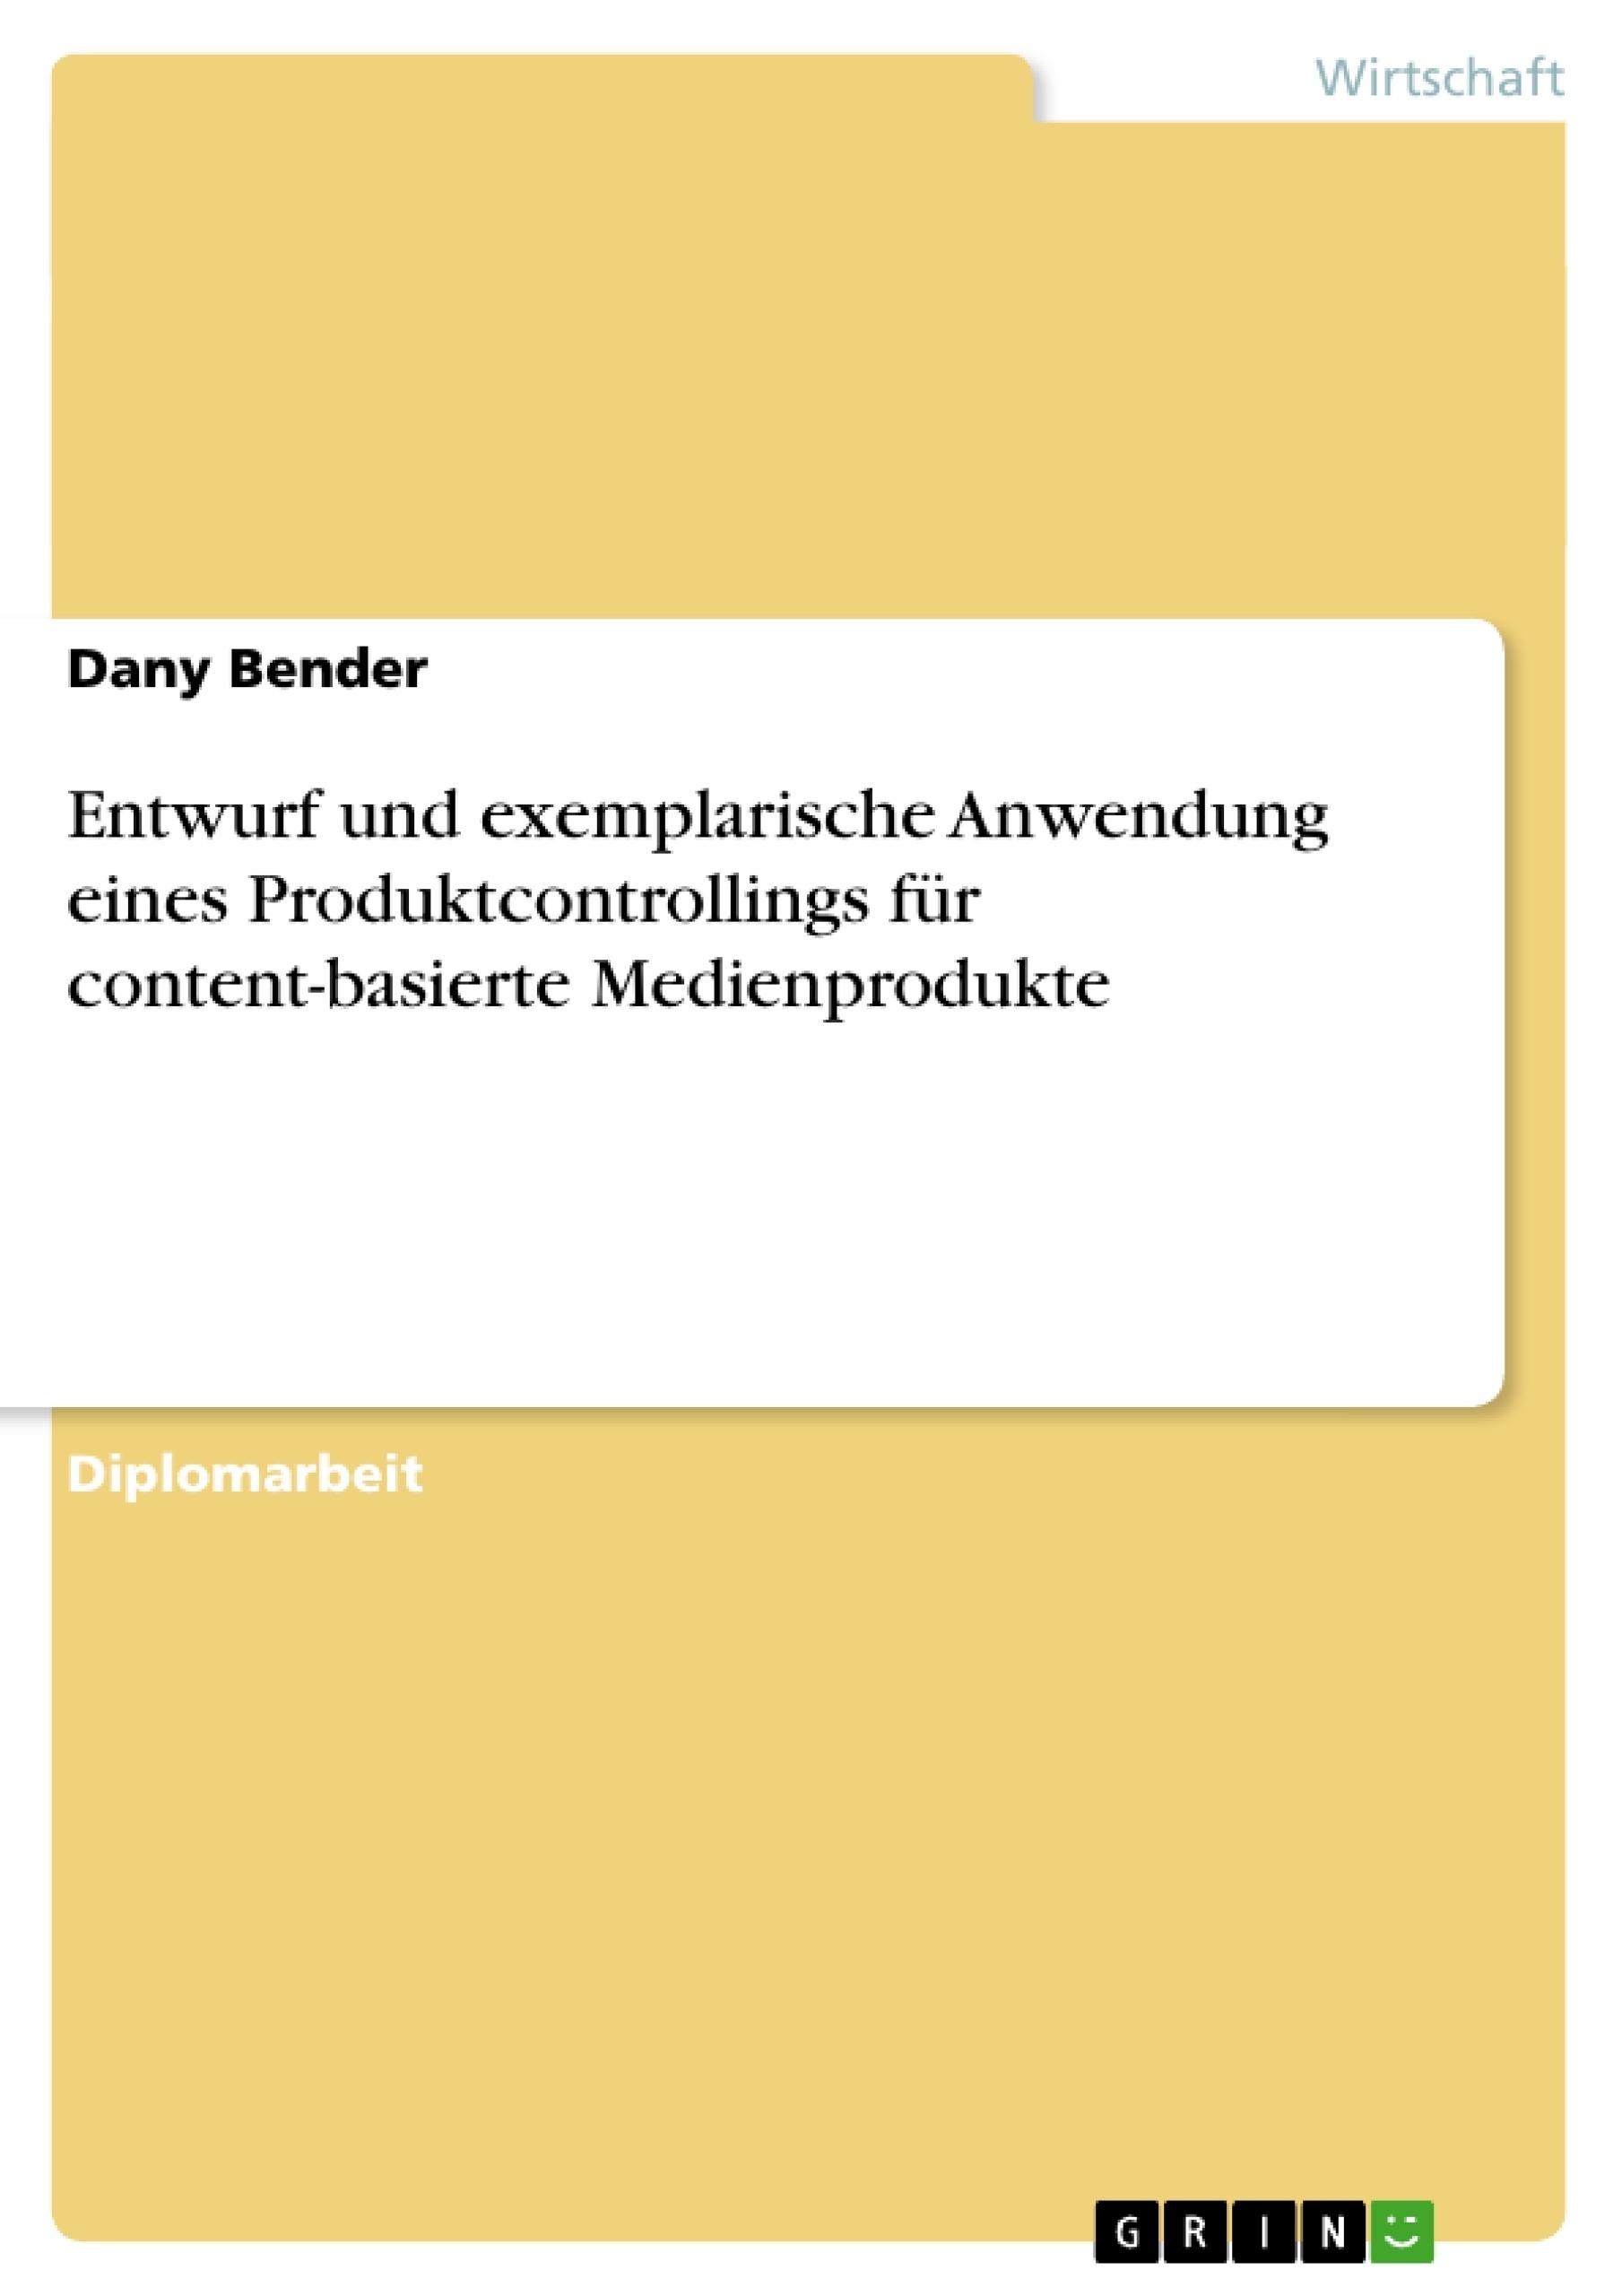 Titel: Entwurf und exemplarische Anwendung eines Produktcontrollings für content-basierte Medienprodukte